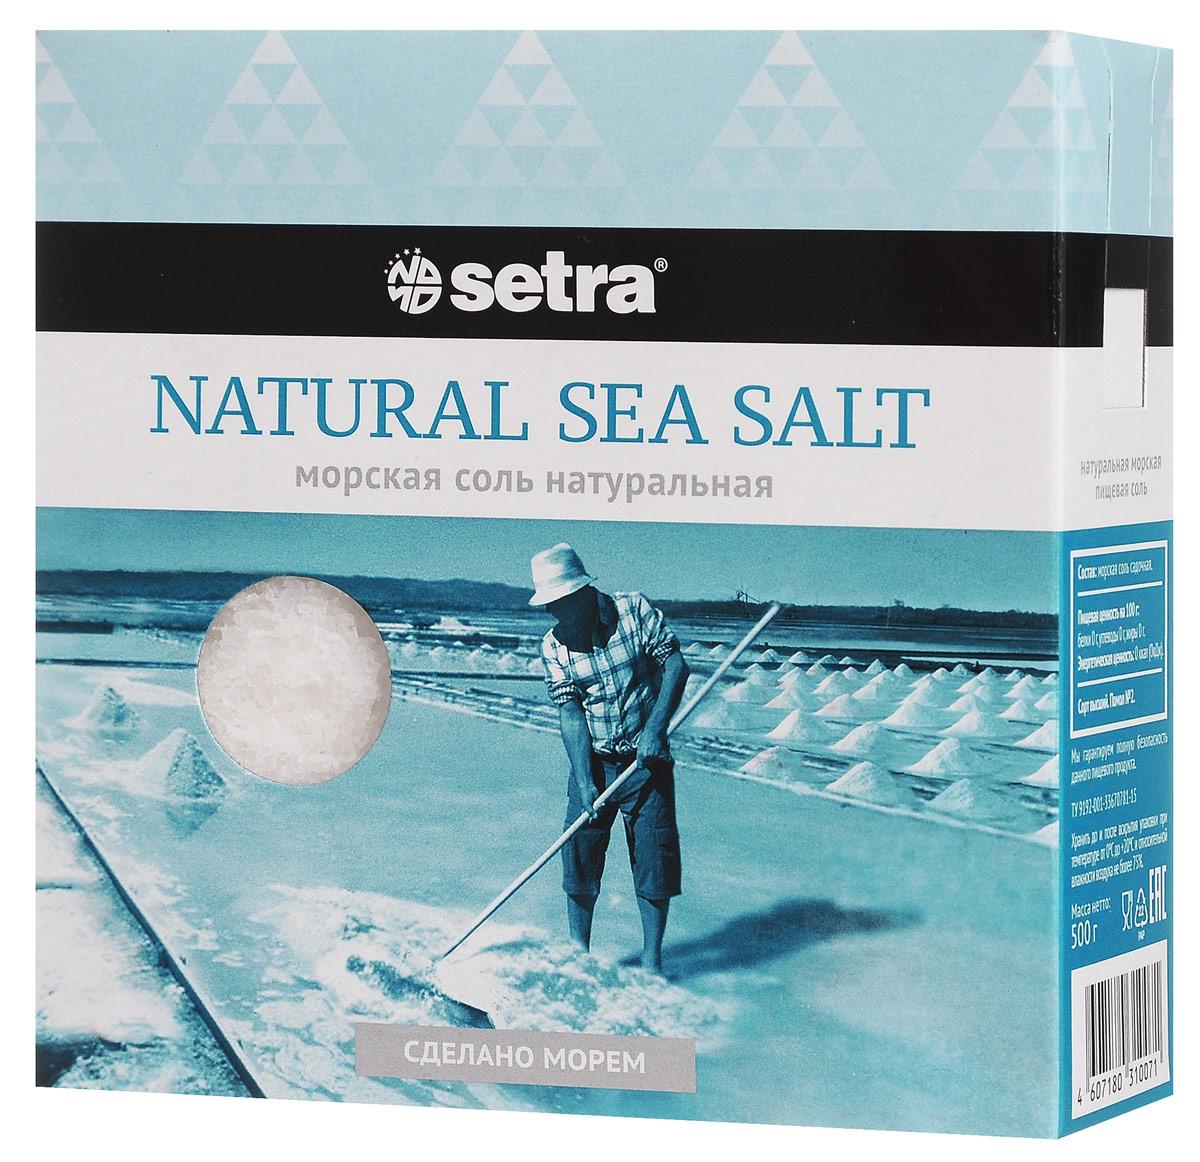 Setra соль морская натуральная без добавок, 500 гбте004Морскую соль Setra получают из вод Адриатического моря уже более 700 лет старым, естественным, экологически чистым способом: выпариванием морской воды на солнце. В отличие от каменной соли, морская соль содержит больше ионов магния, калия, йода, кальция, фтора, а также других морских минералов, что, помимо ощутимой пользы для организма, придаст вашим блюдам особый изысканный вкус.